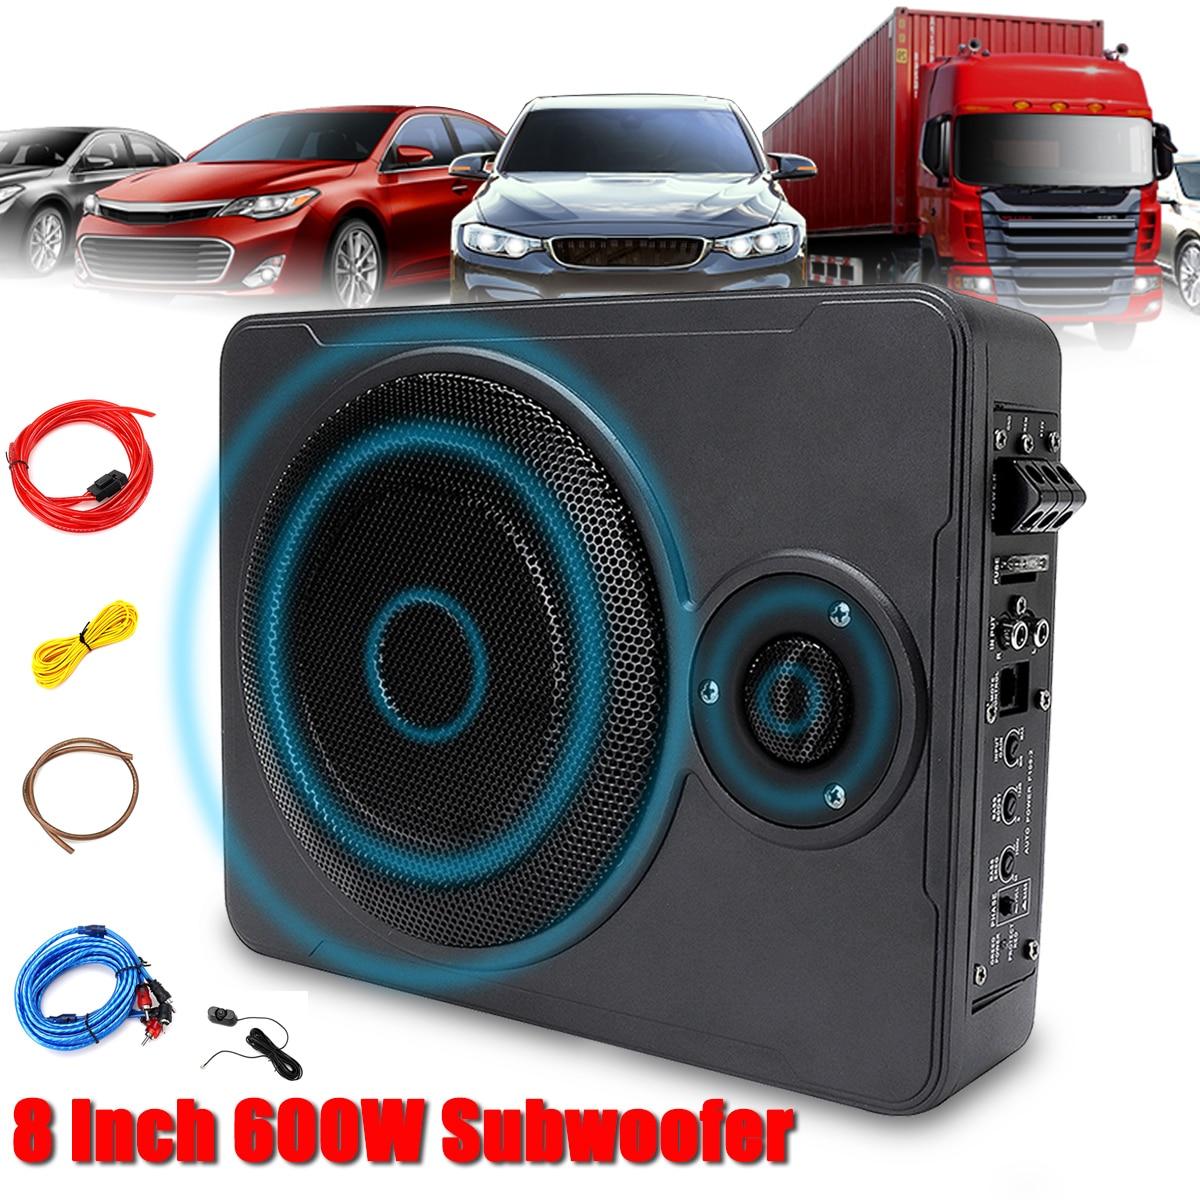 Nouveau universel 8 pouces 600W bluetooth voiture Ultra-mince Audio actif Subwoofer Auto sous siège sous amplificateur sous voiture haut-parleur système